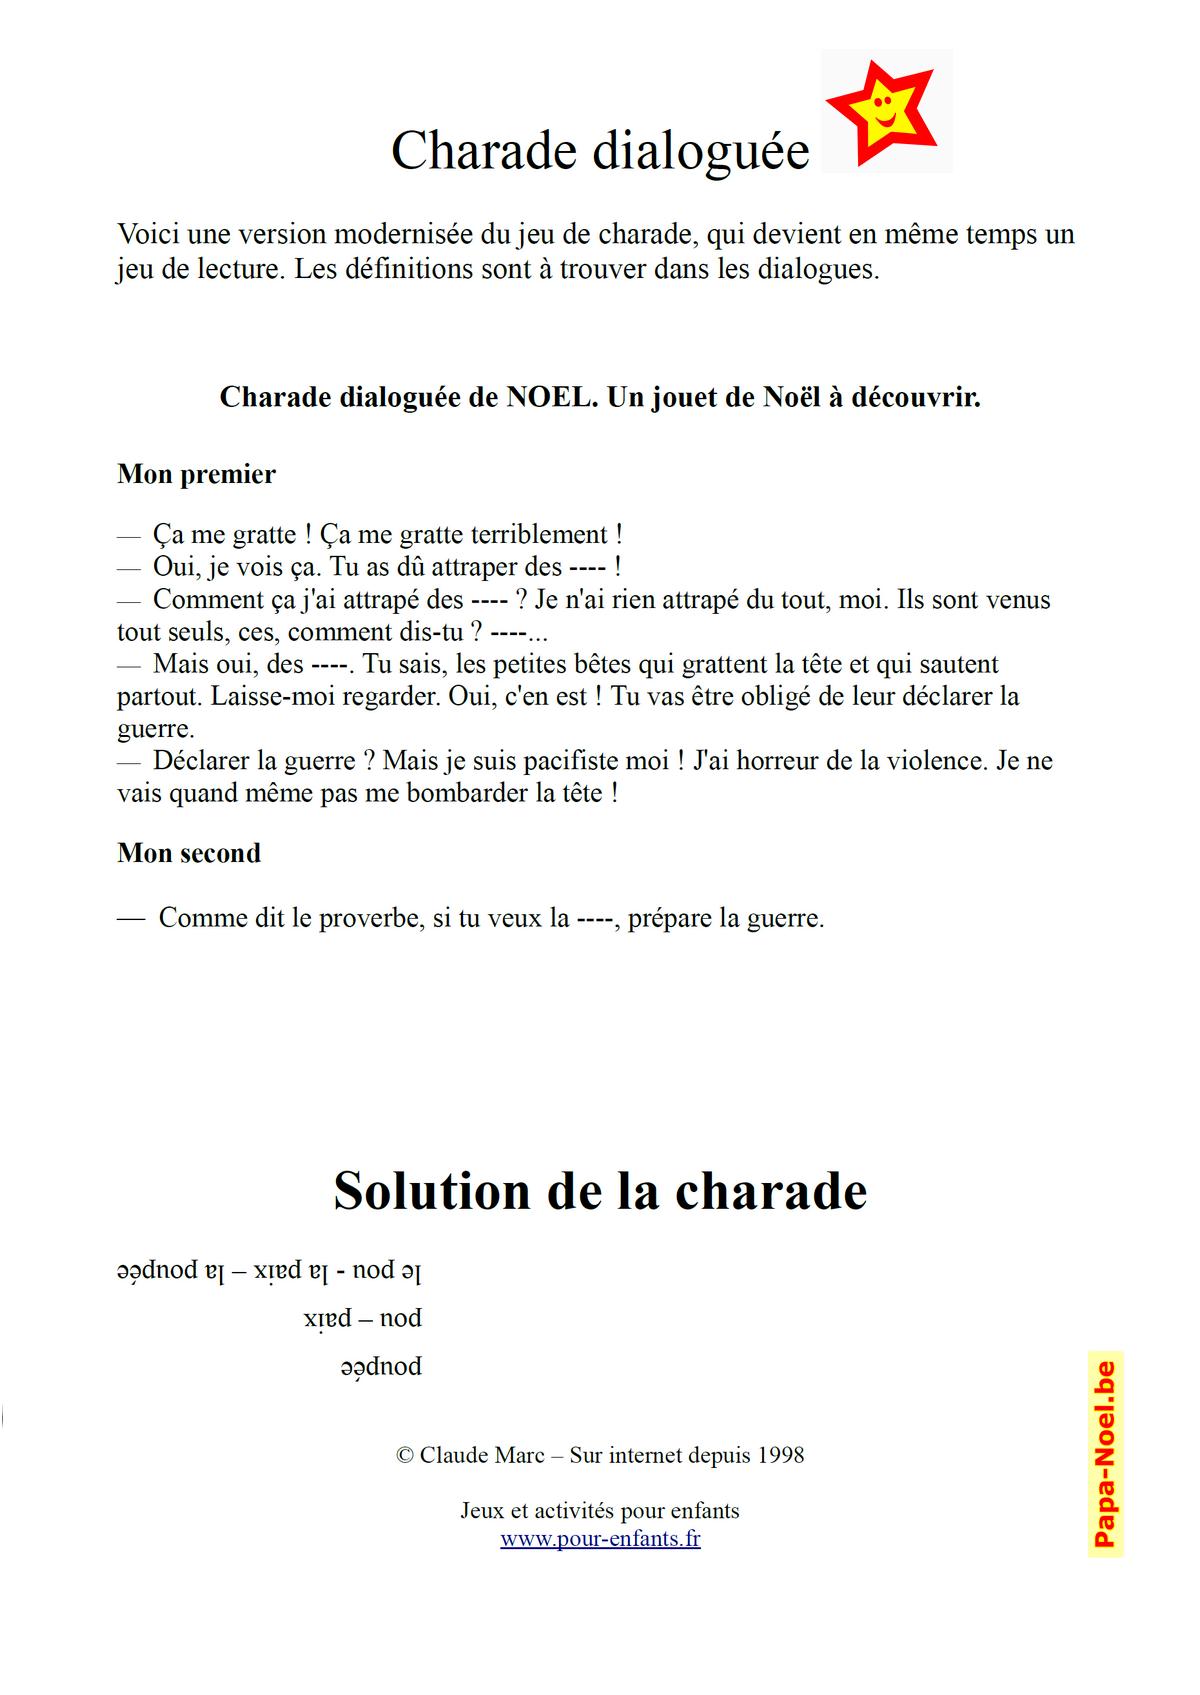 Charades De Noel Archives - Charades, Jeux, Blagues pour Rébus Facile Avec Réponse